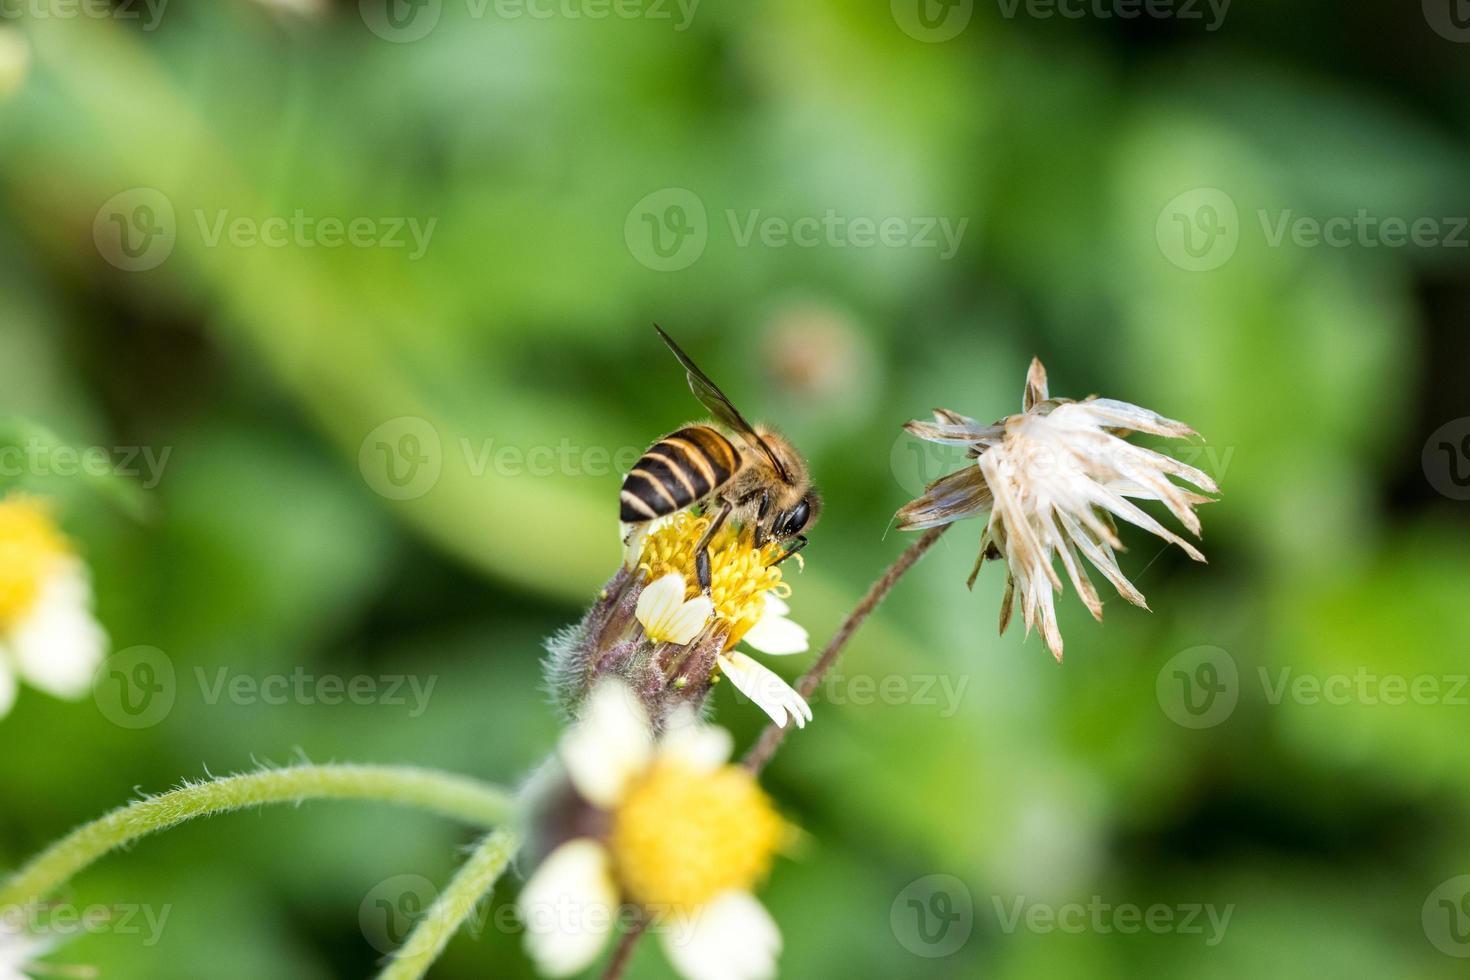 upptagen bi som samlar nektar från en vild gräsblomma foto